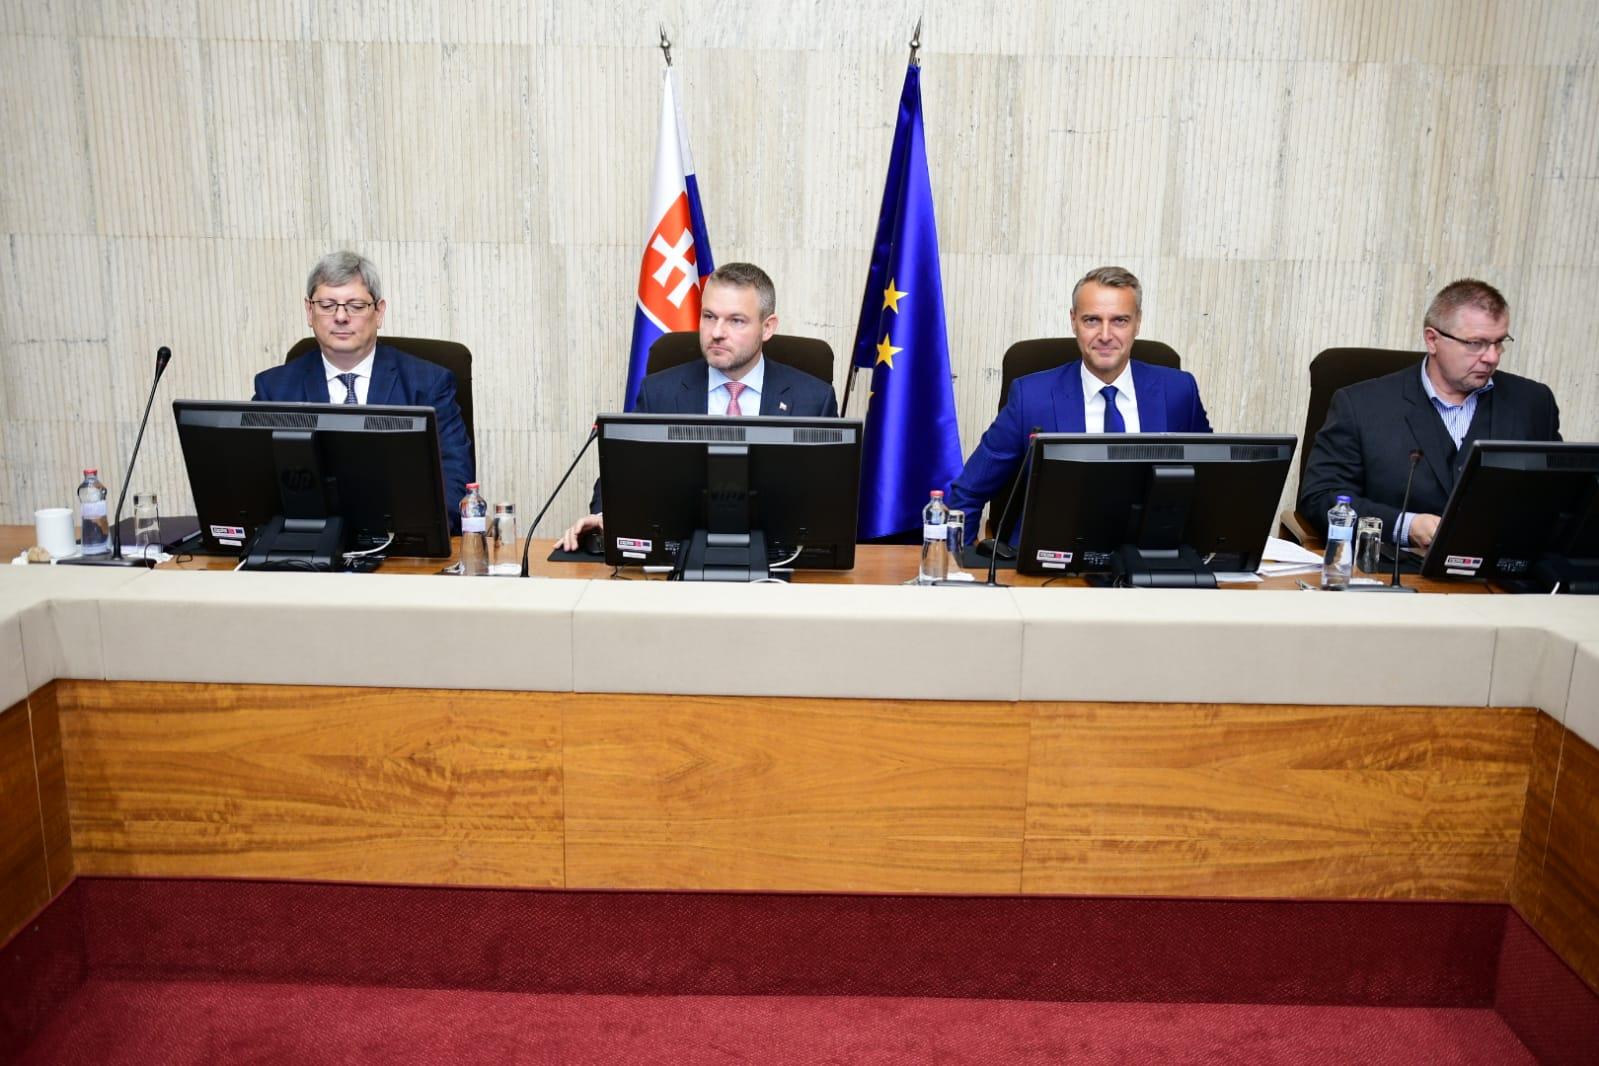 Vláda schválila premiestnenie peňazí medzi operačnými programami